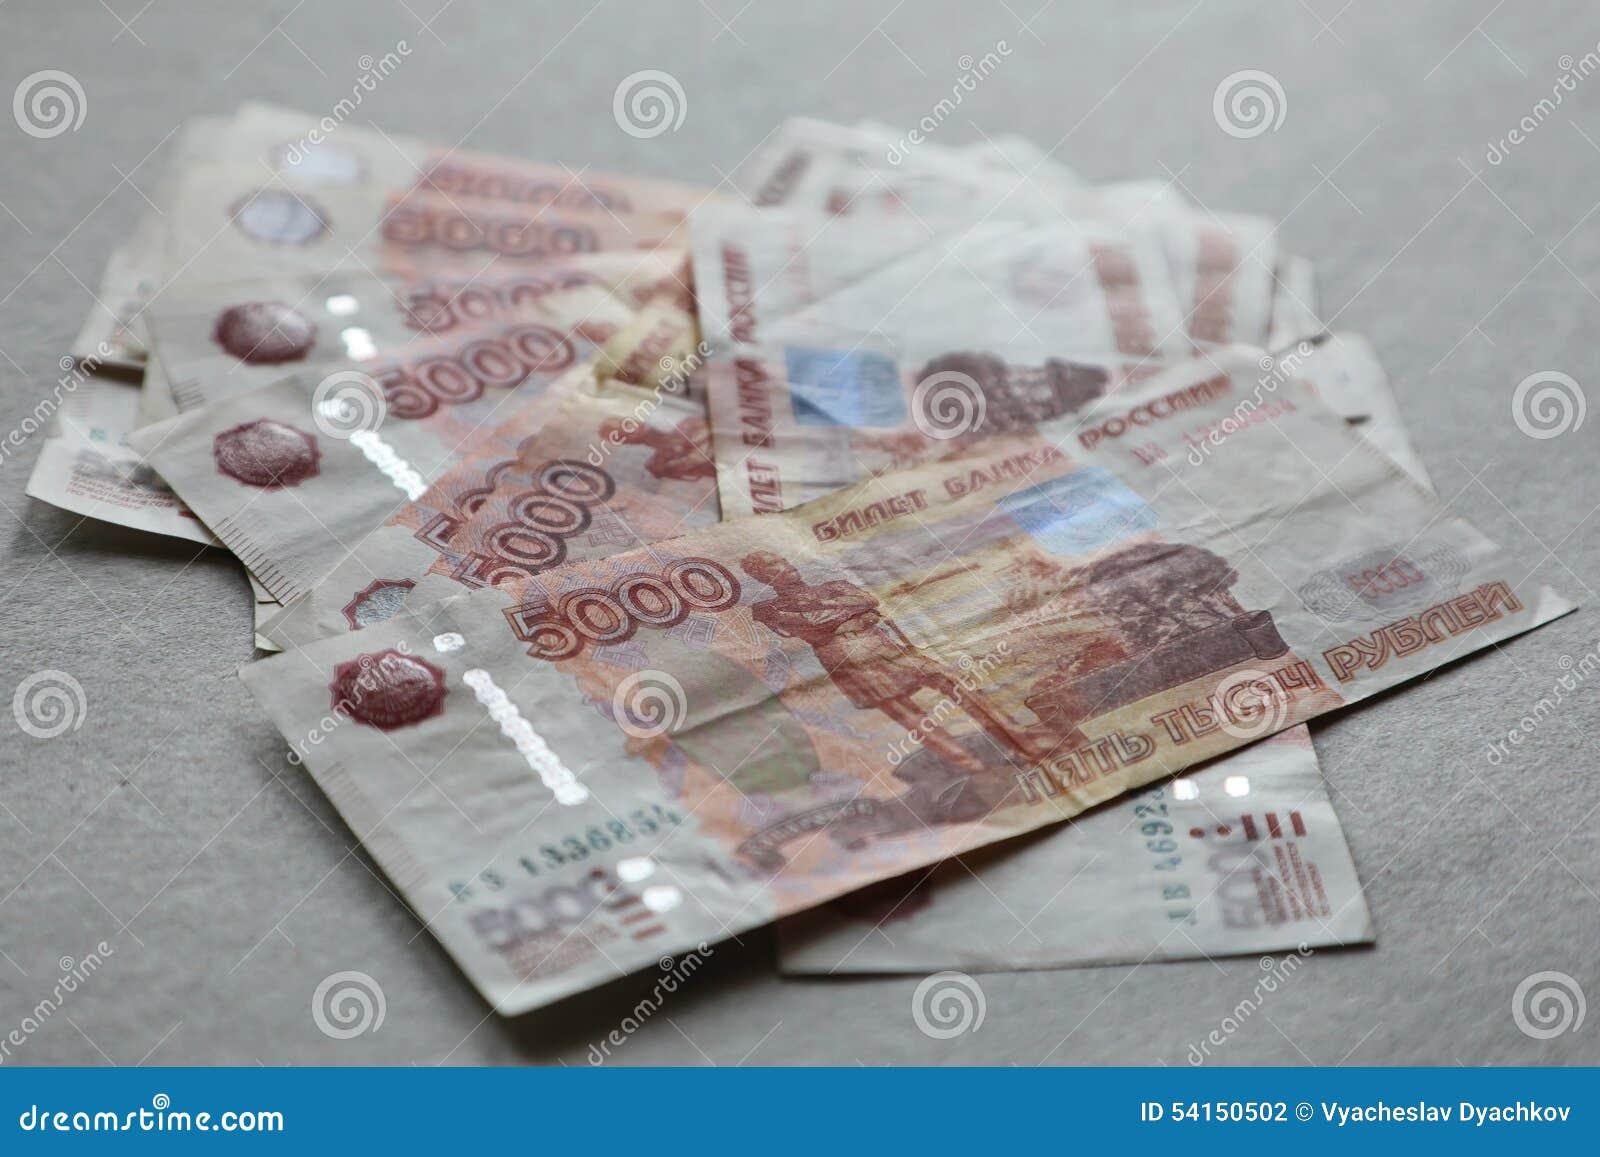 Das Bild verbreitete heraus wie Banknoten eines Fans der Zentralbank der Russischen Föderation